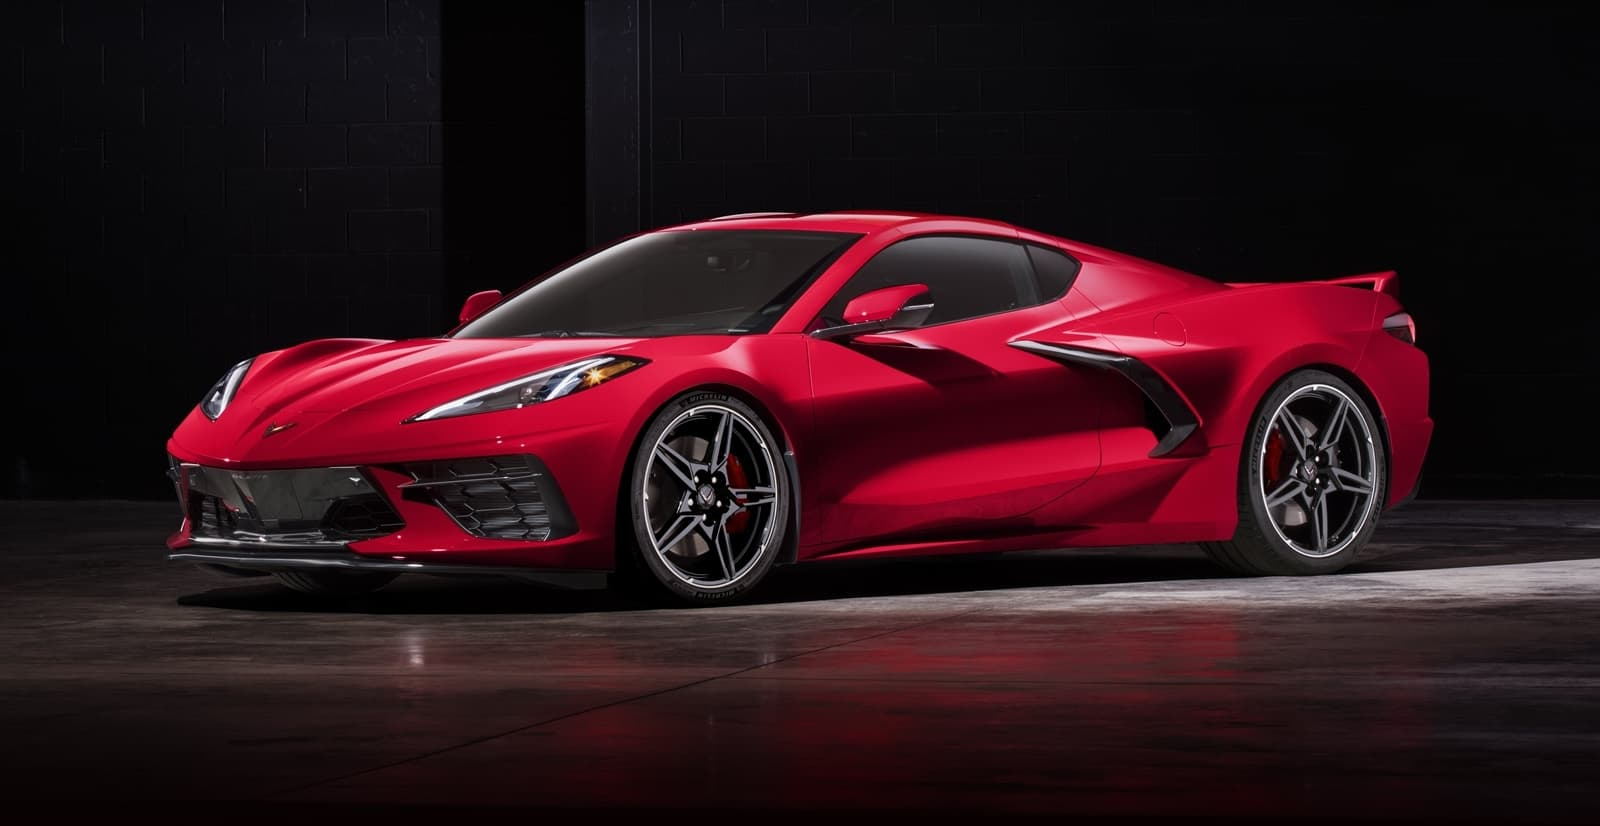 Chevrolet Corvette 2020 0719 039